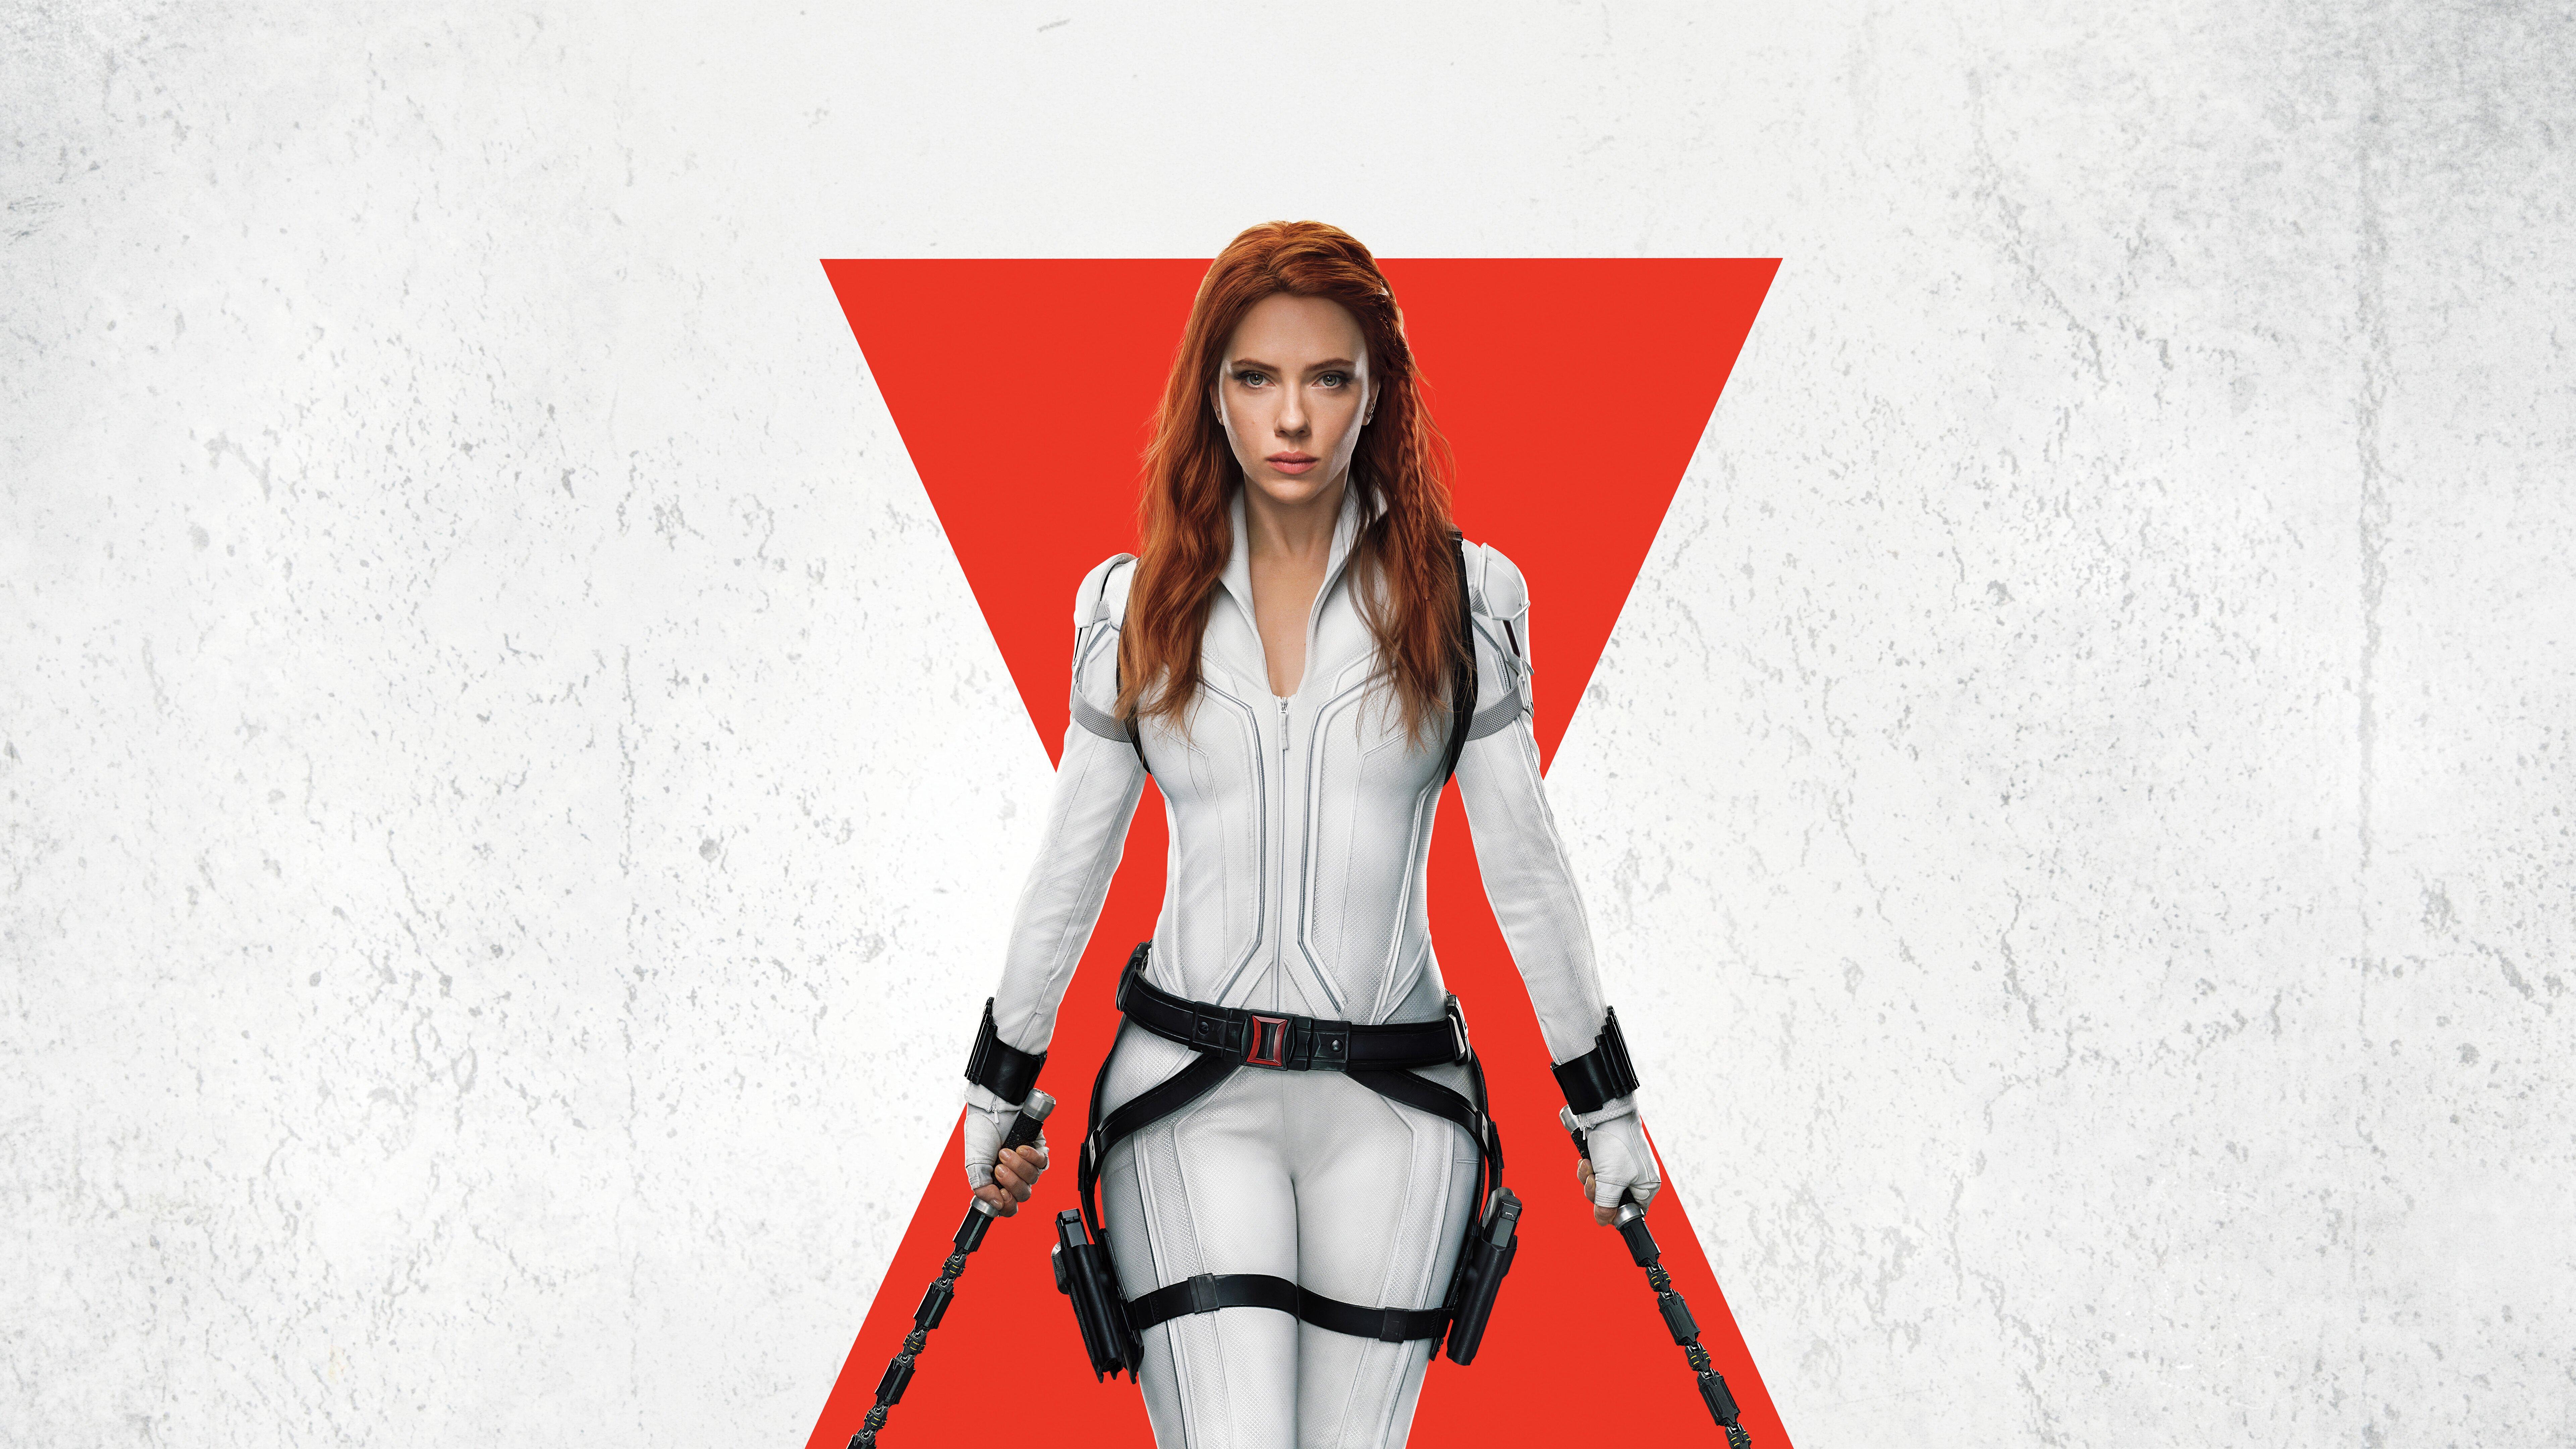 Wallpaper Scarlett Johansson as Black Widow Movie